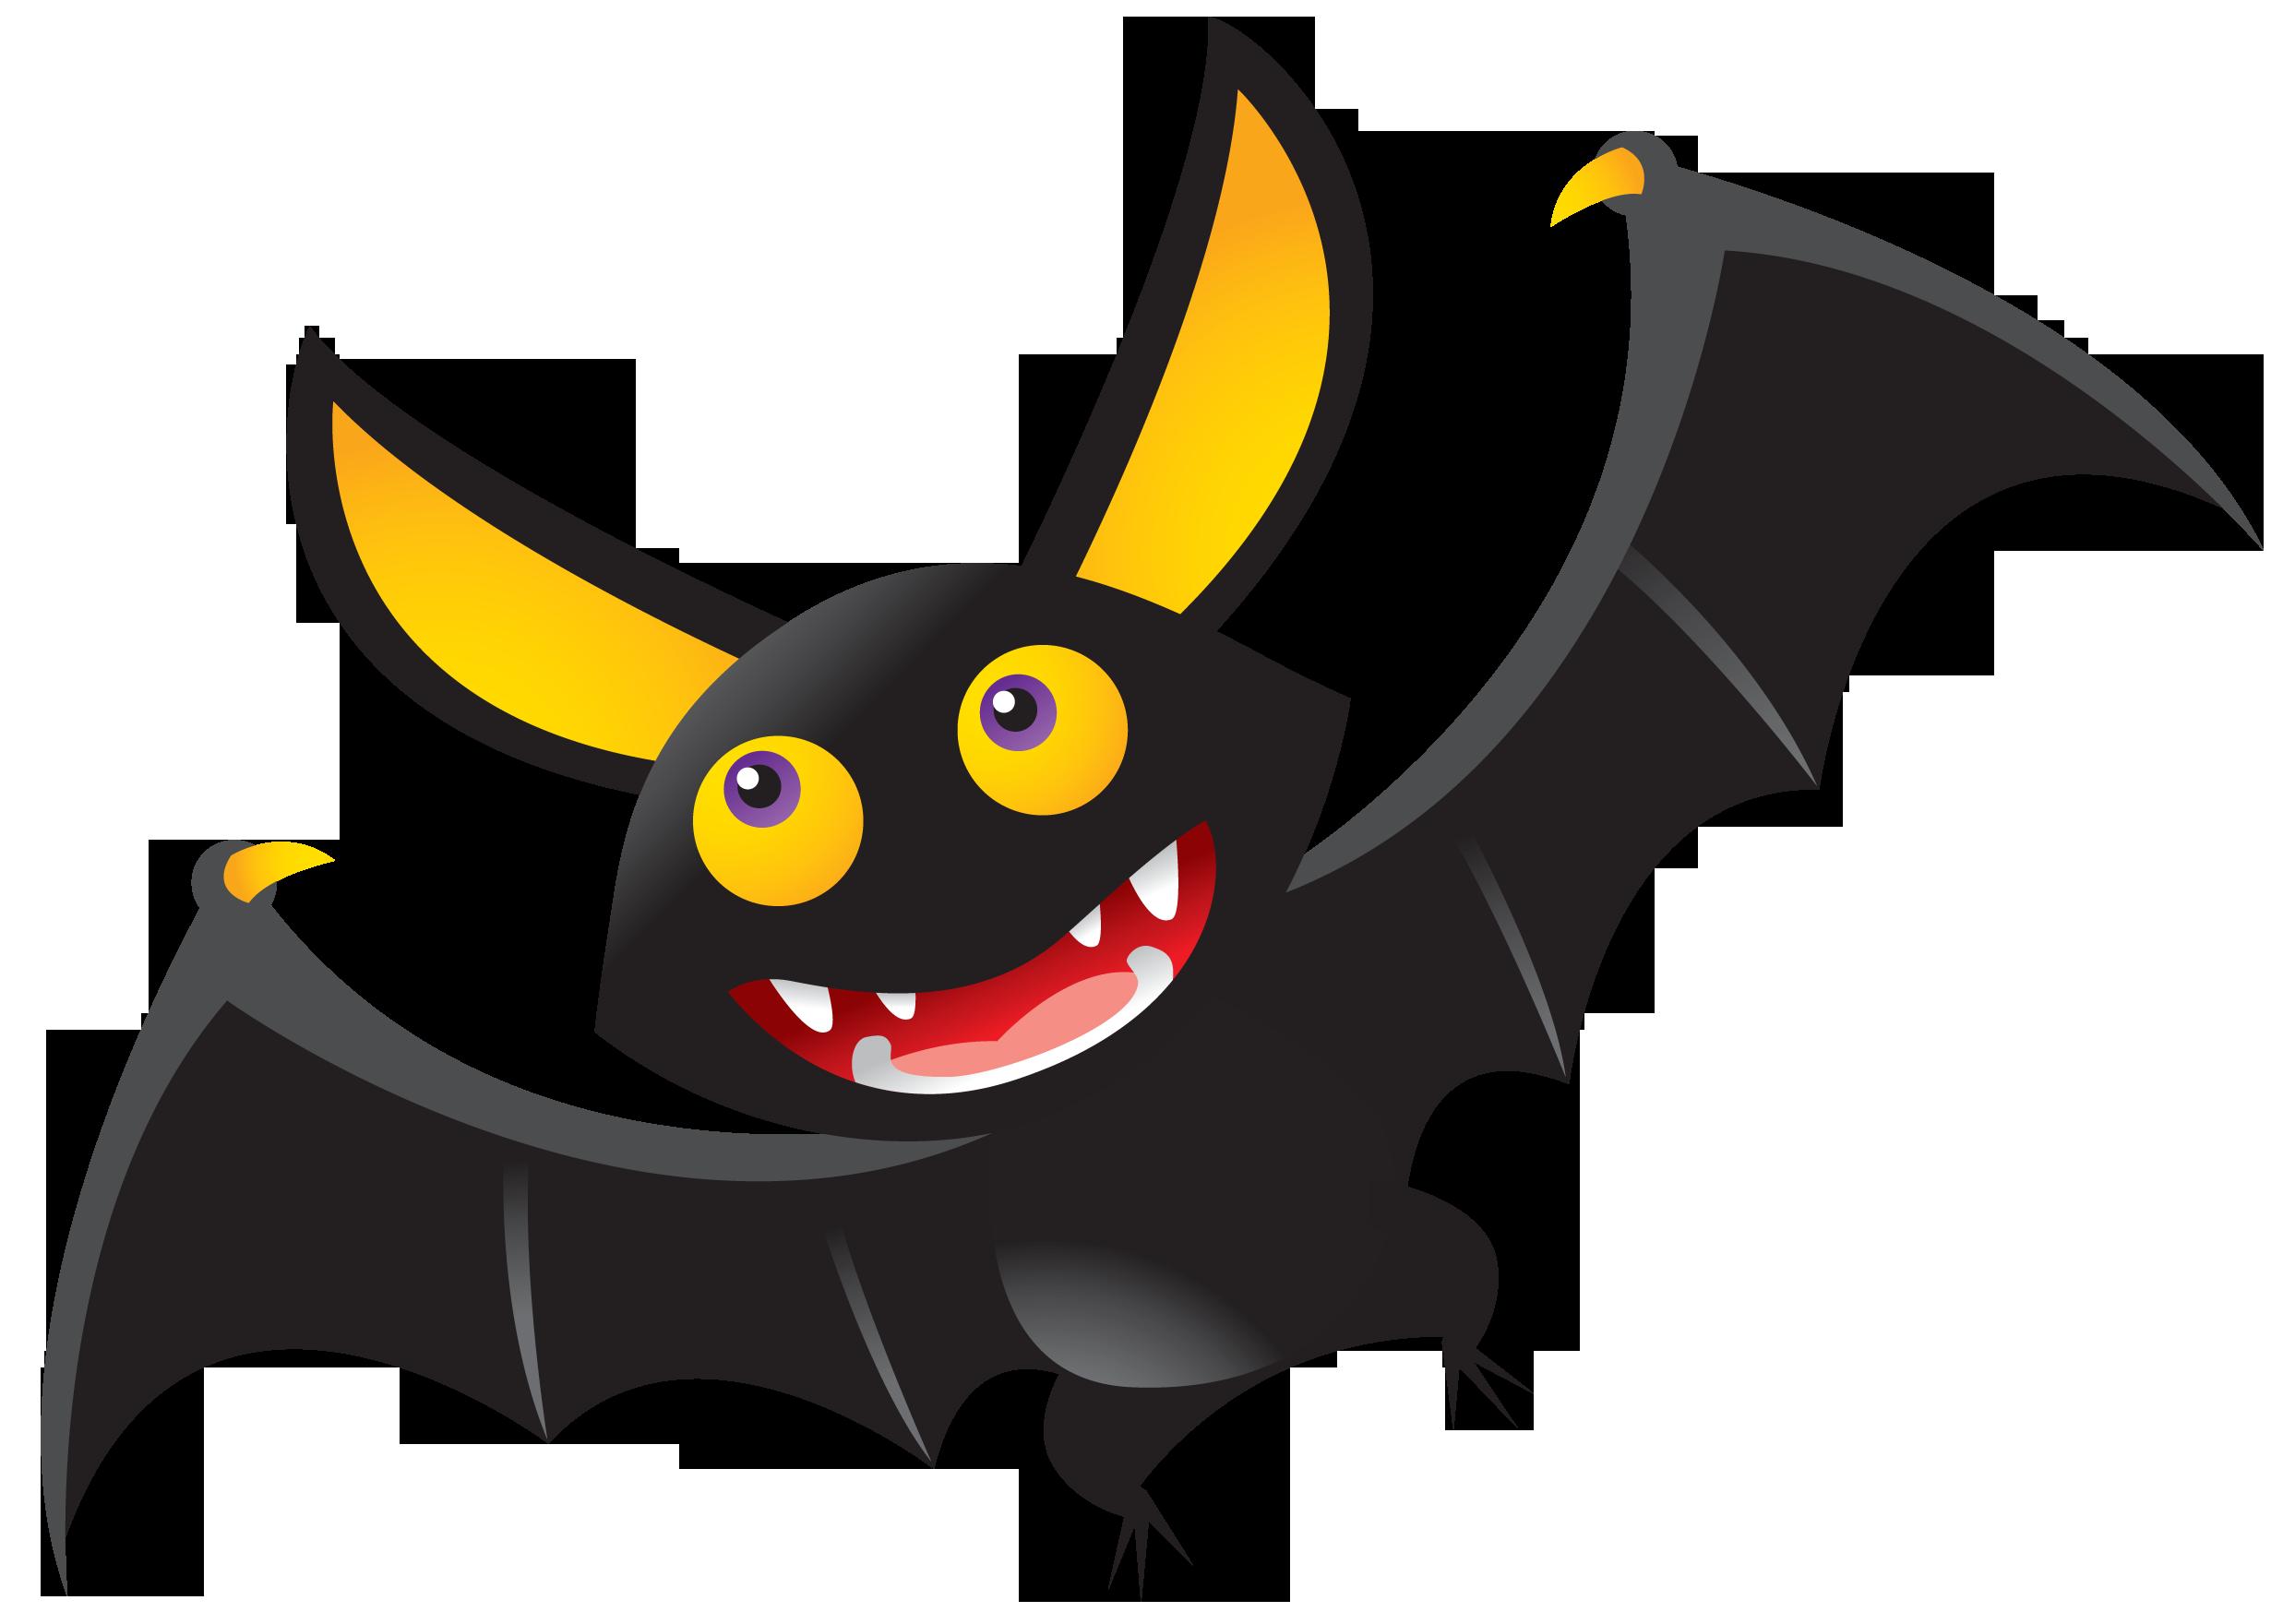 Bat Png Hd PNG Image - Bat HD PNG